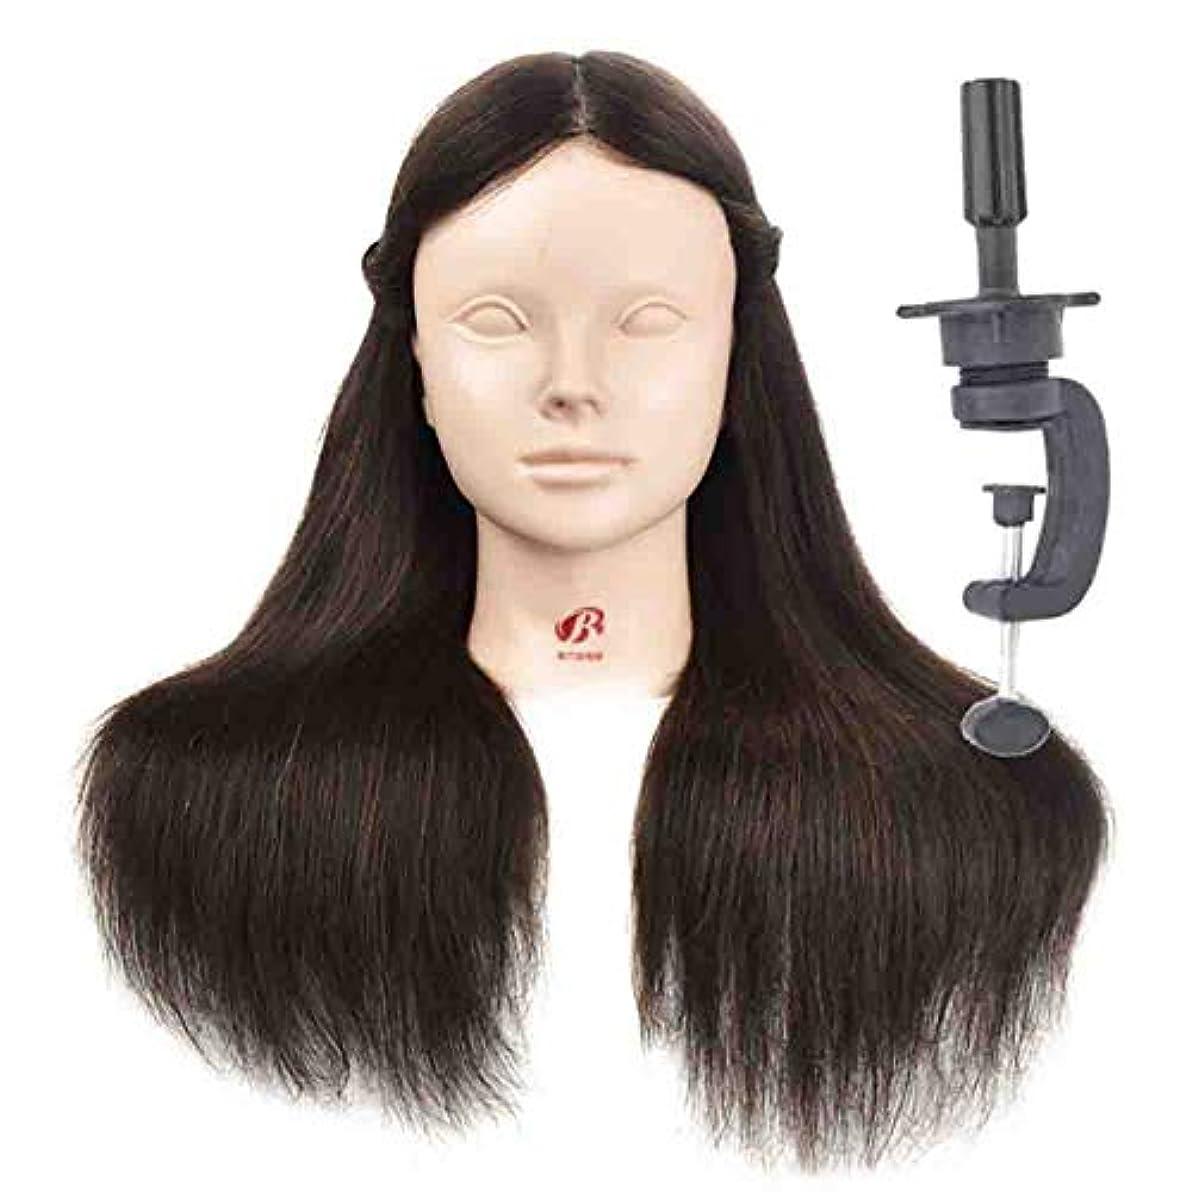 ロイヤリティ脚本家無許可Makeup Modeling Learning Dummy Head Real Human Hair Practice Head Model Hair Salon Model Head Can be Hot Dyed